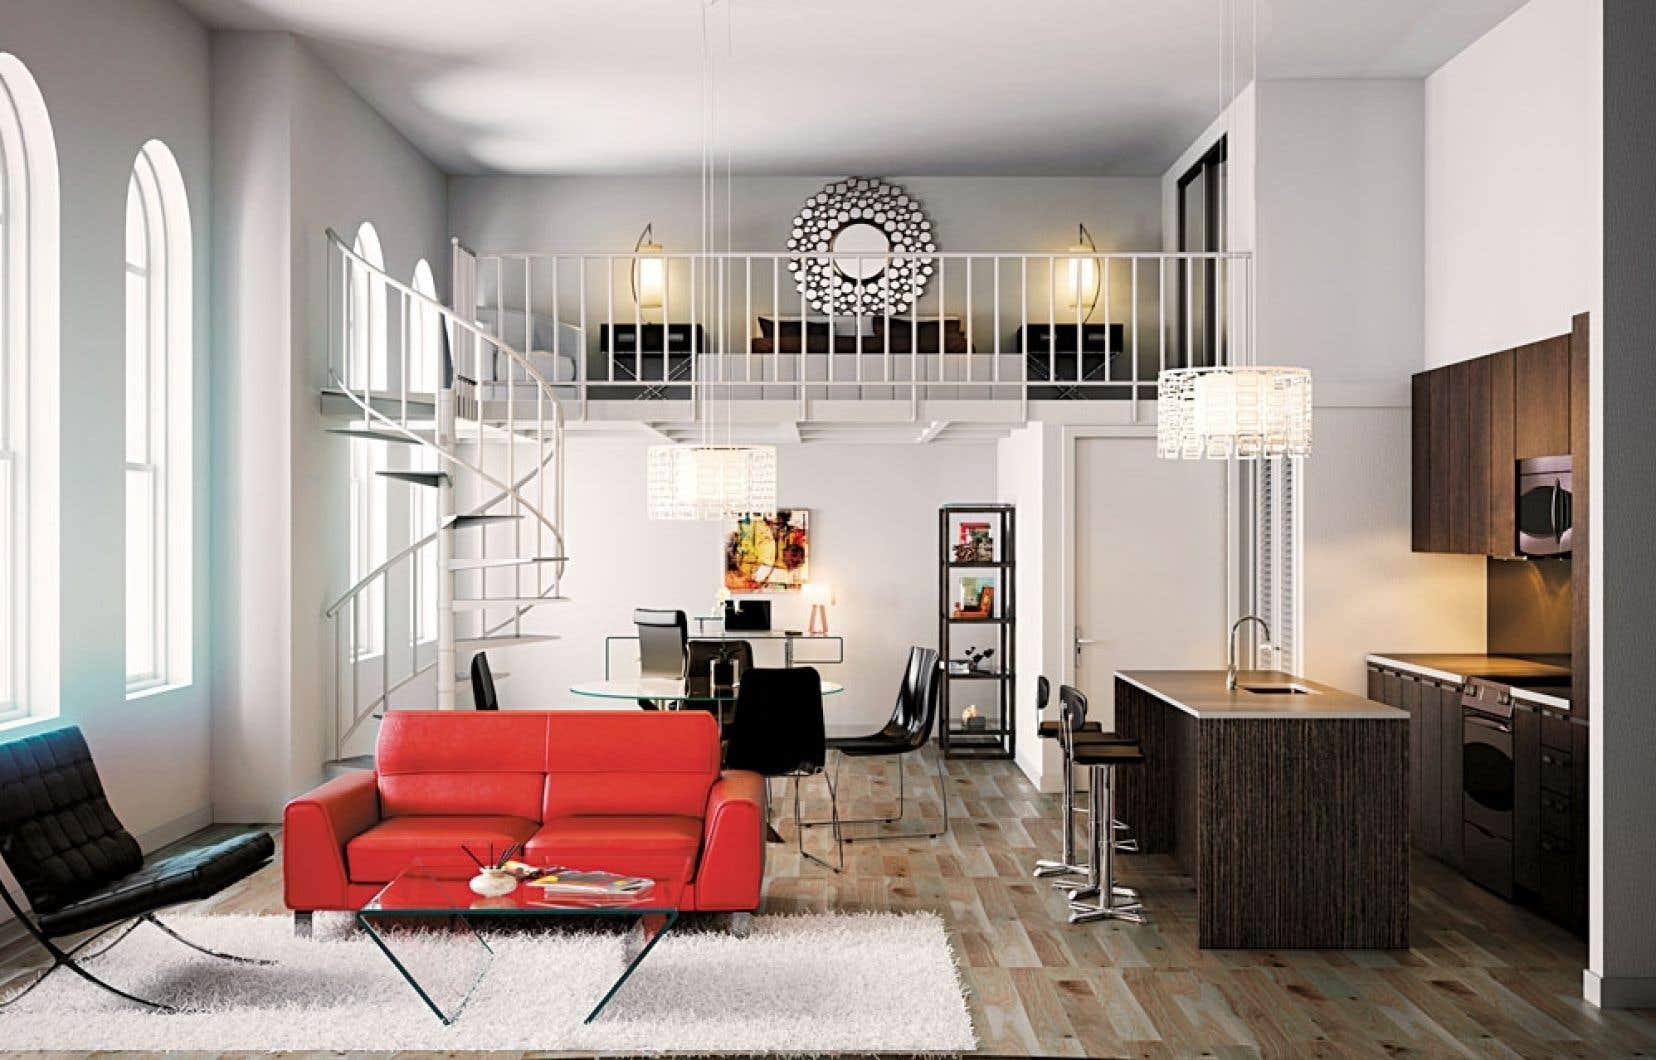 La hauteur des plafonds des logements variera de 8 à 16 pieds. Ainsi, certains seront même aménagés sur deux étages, avec une chambre en mezzanine, comme ci-dessus.